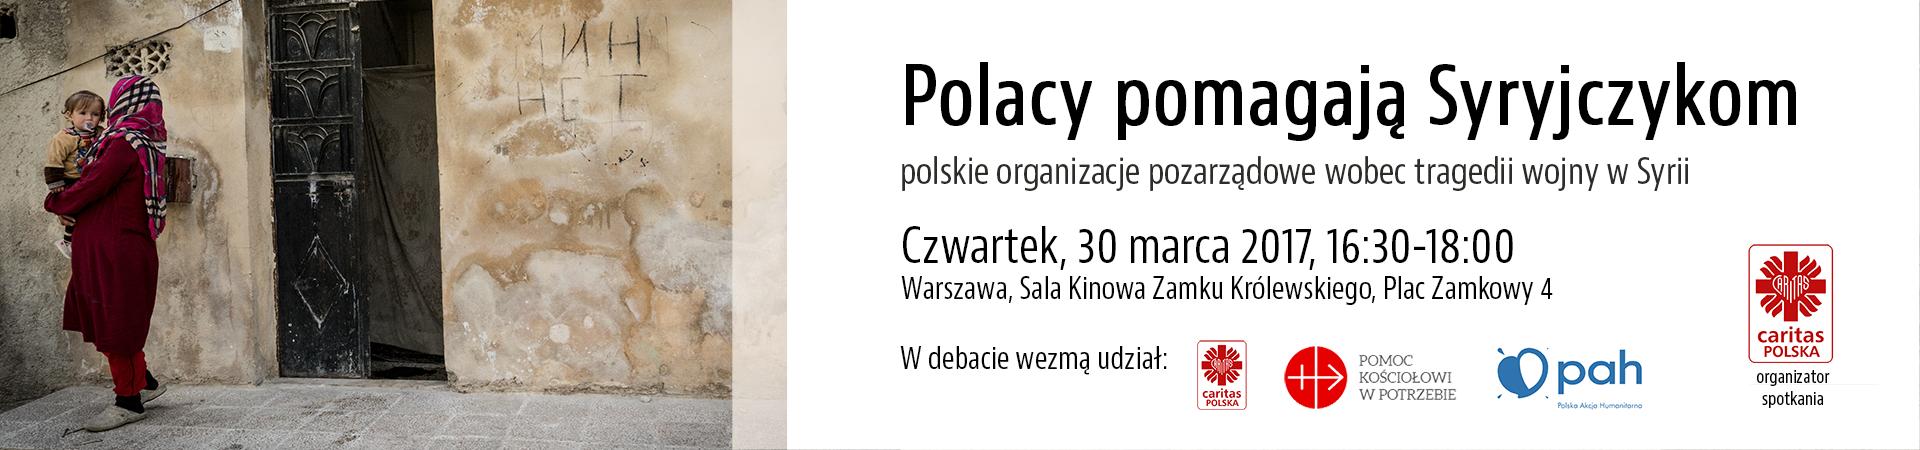 Sympozjum_PolacyPomagajaSyryjczykom